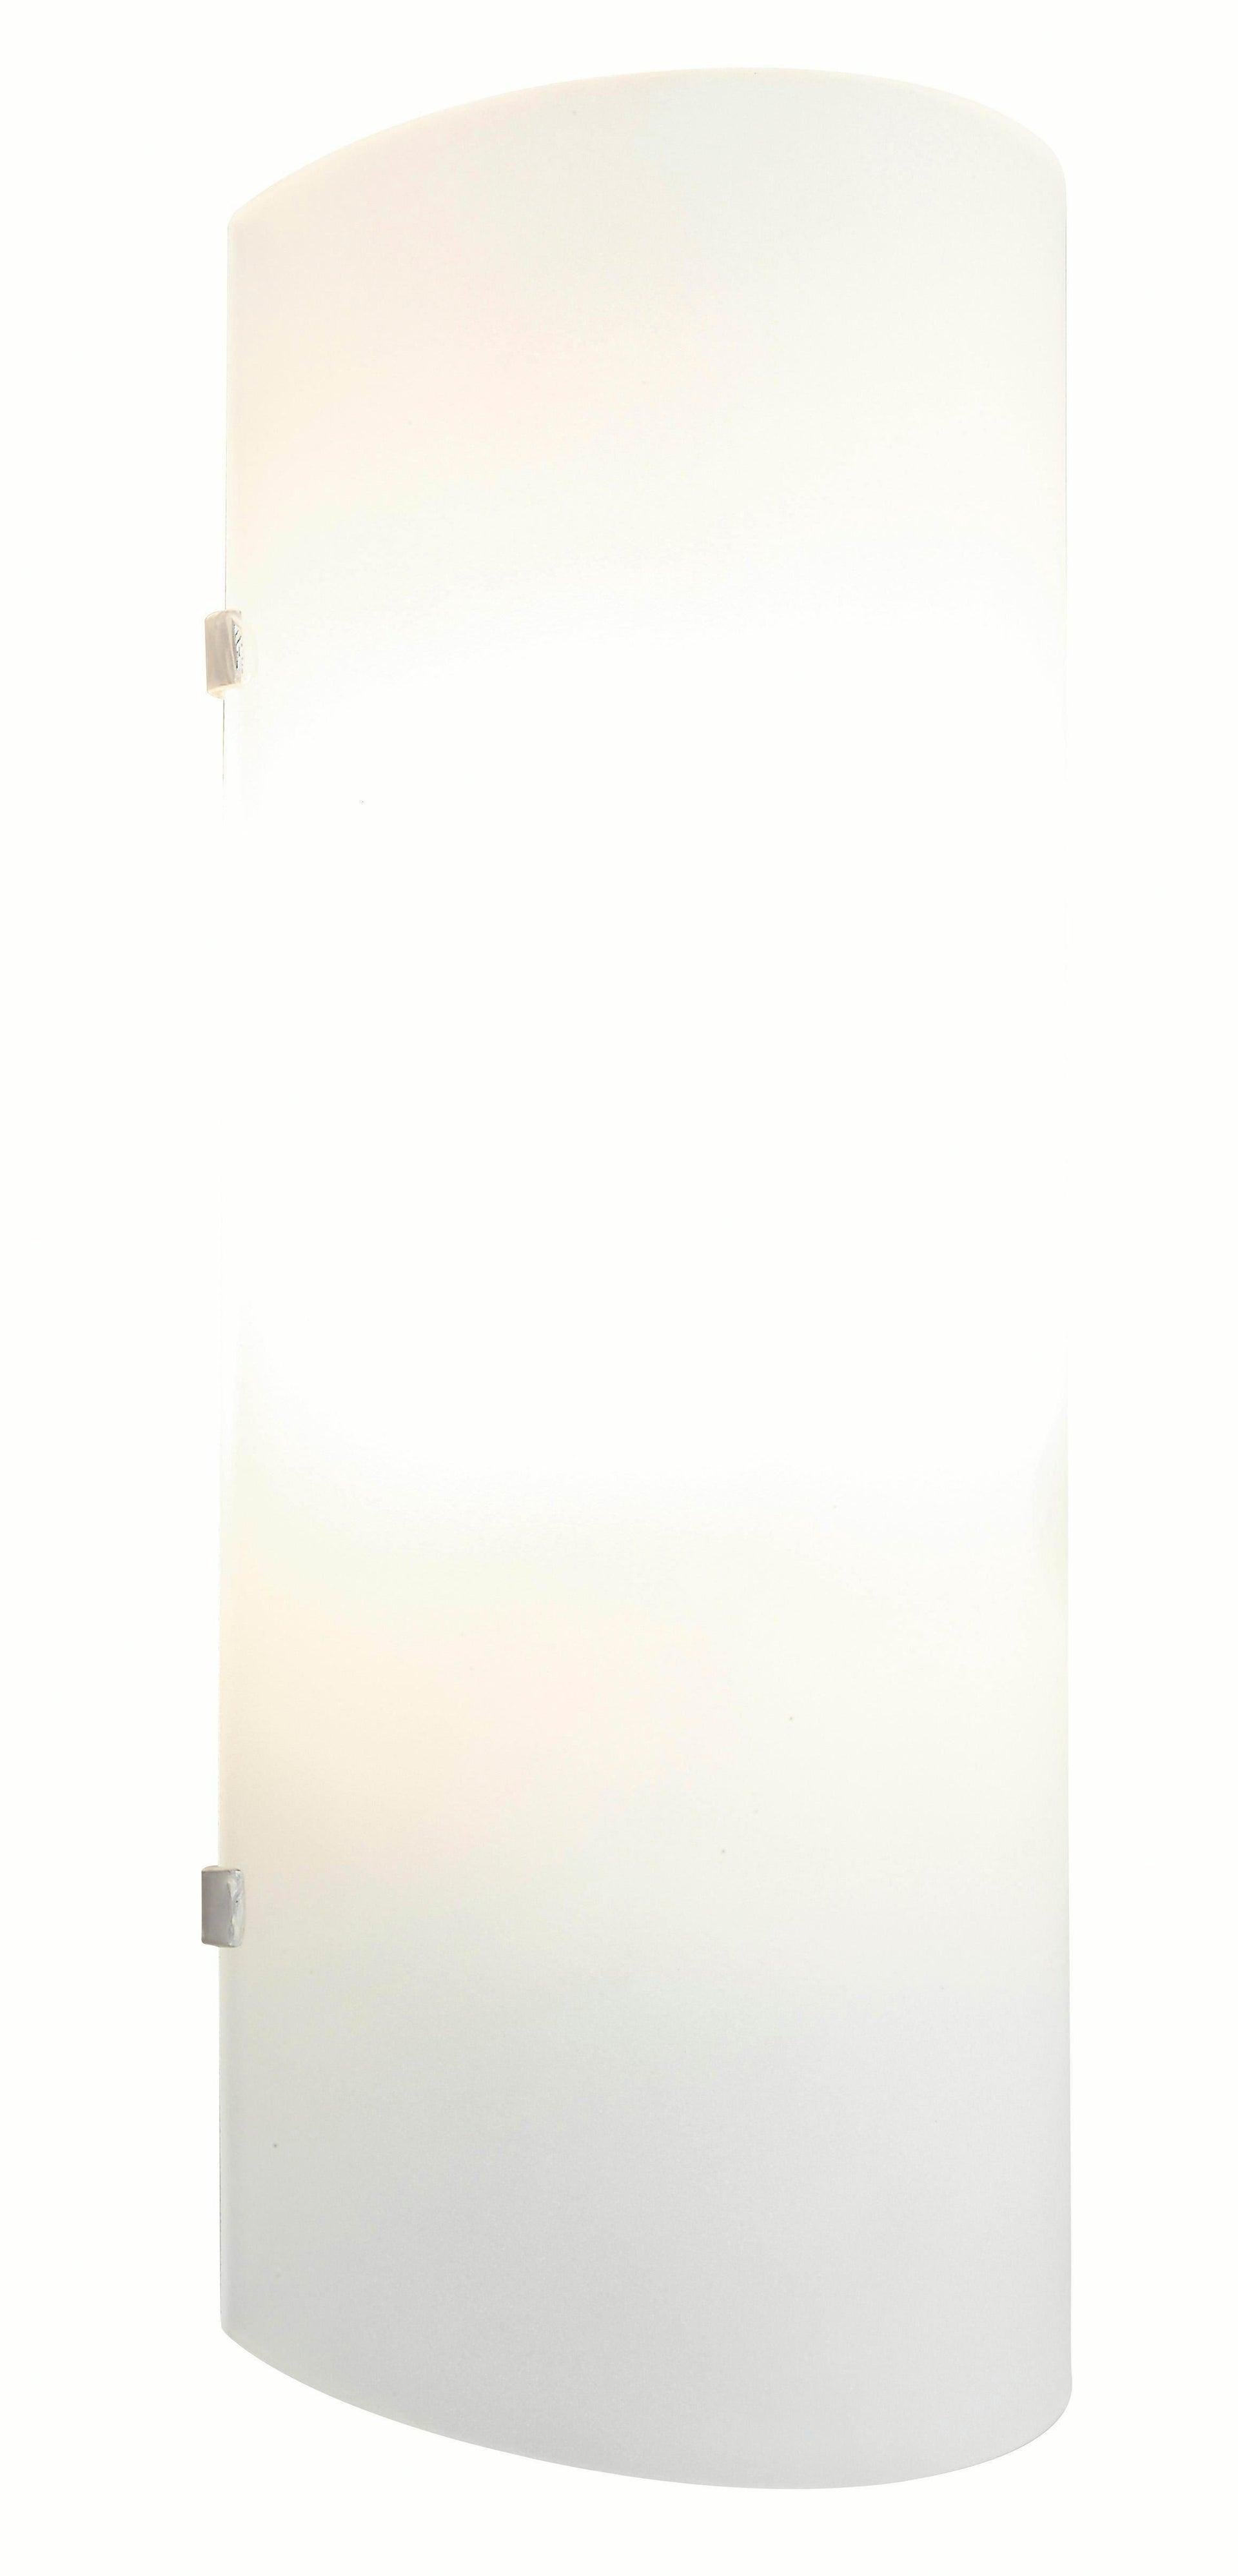 Applique classico Hanko bianco, in vetro, 26.0x10.5 cm, - 4